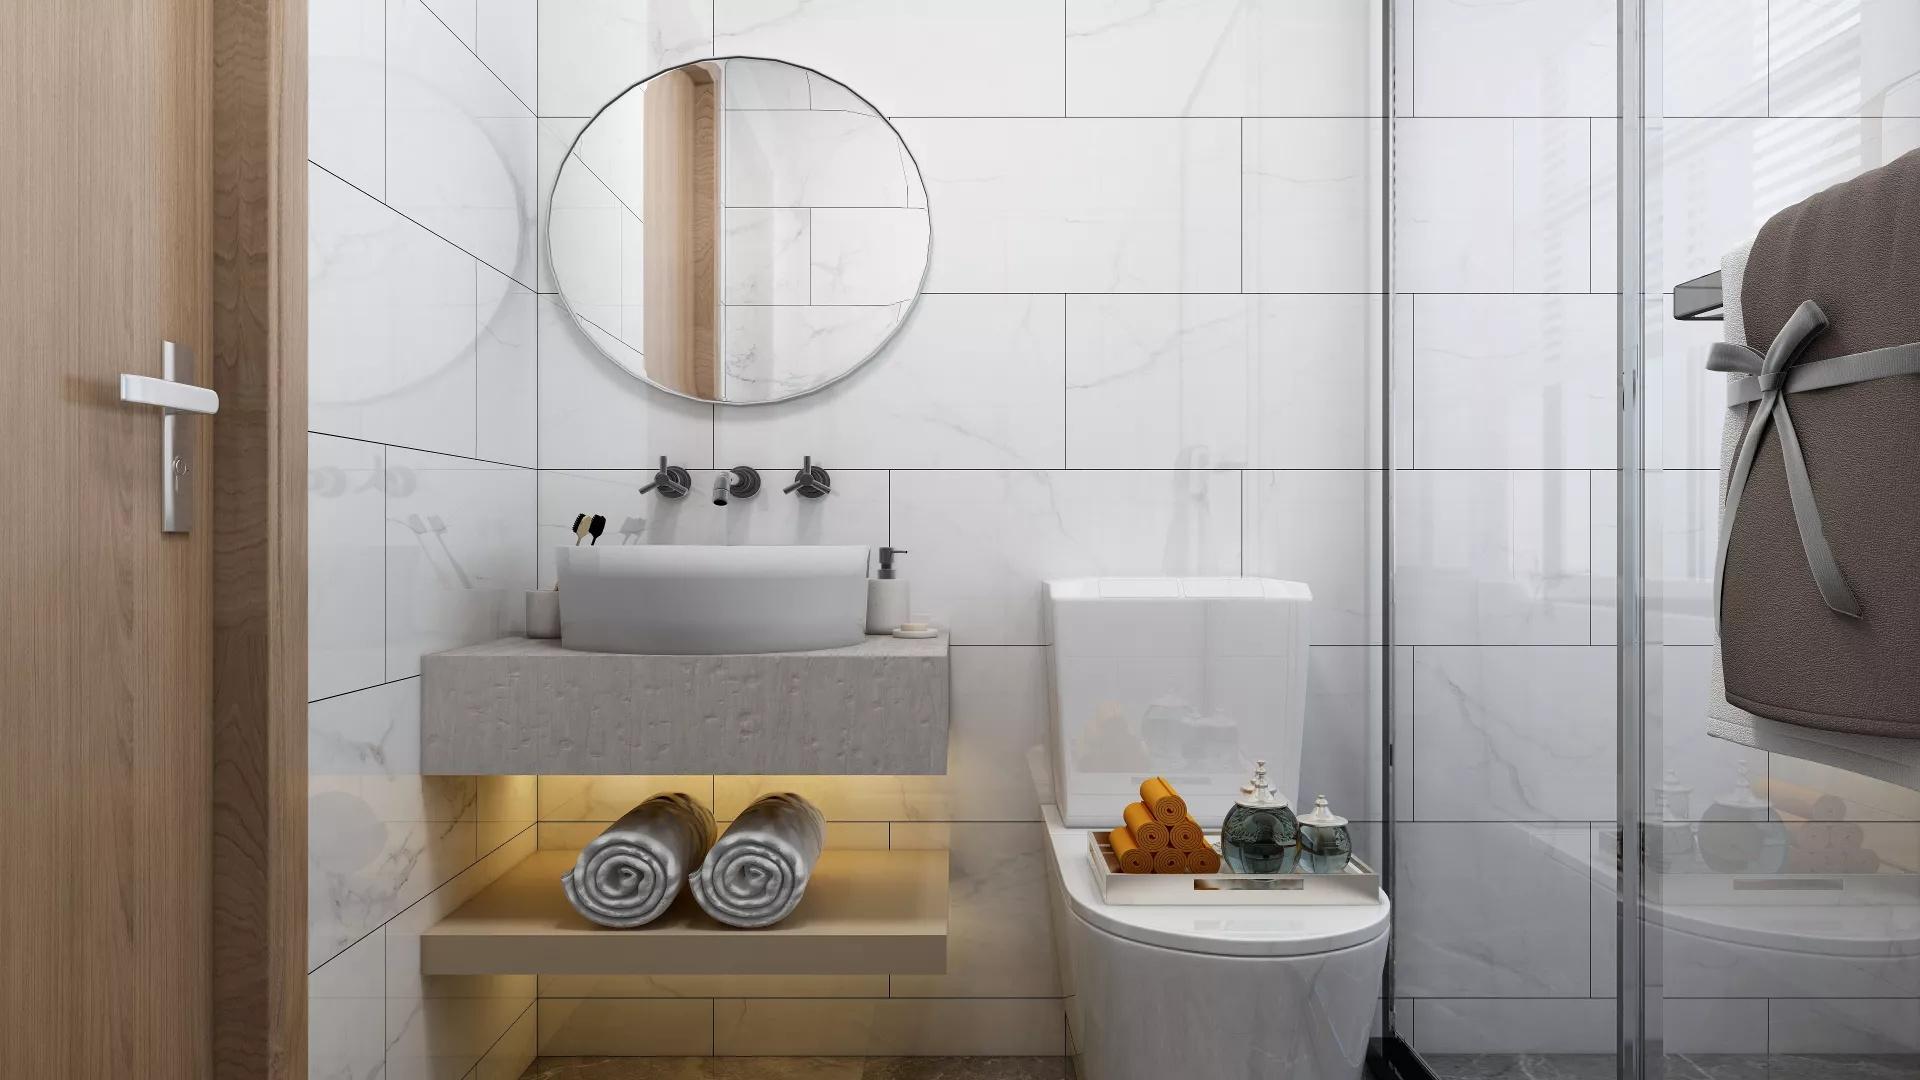 简约宜家风北欧小户型公寓装修效果图